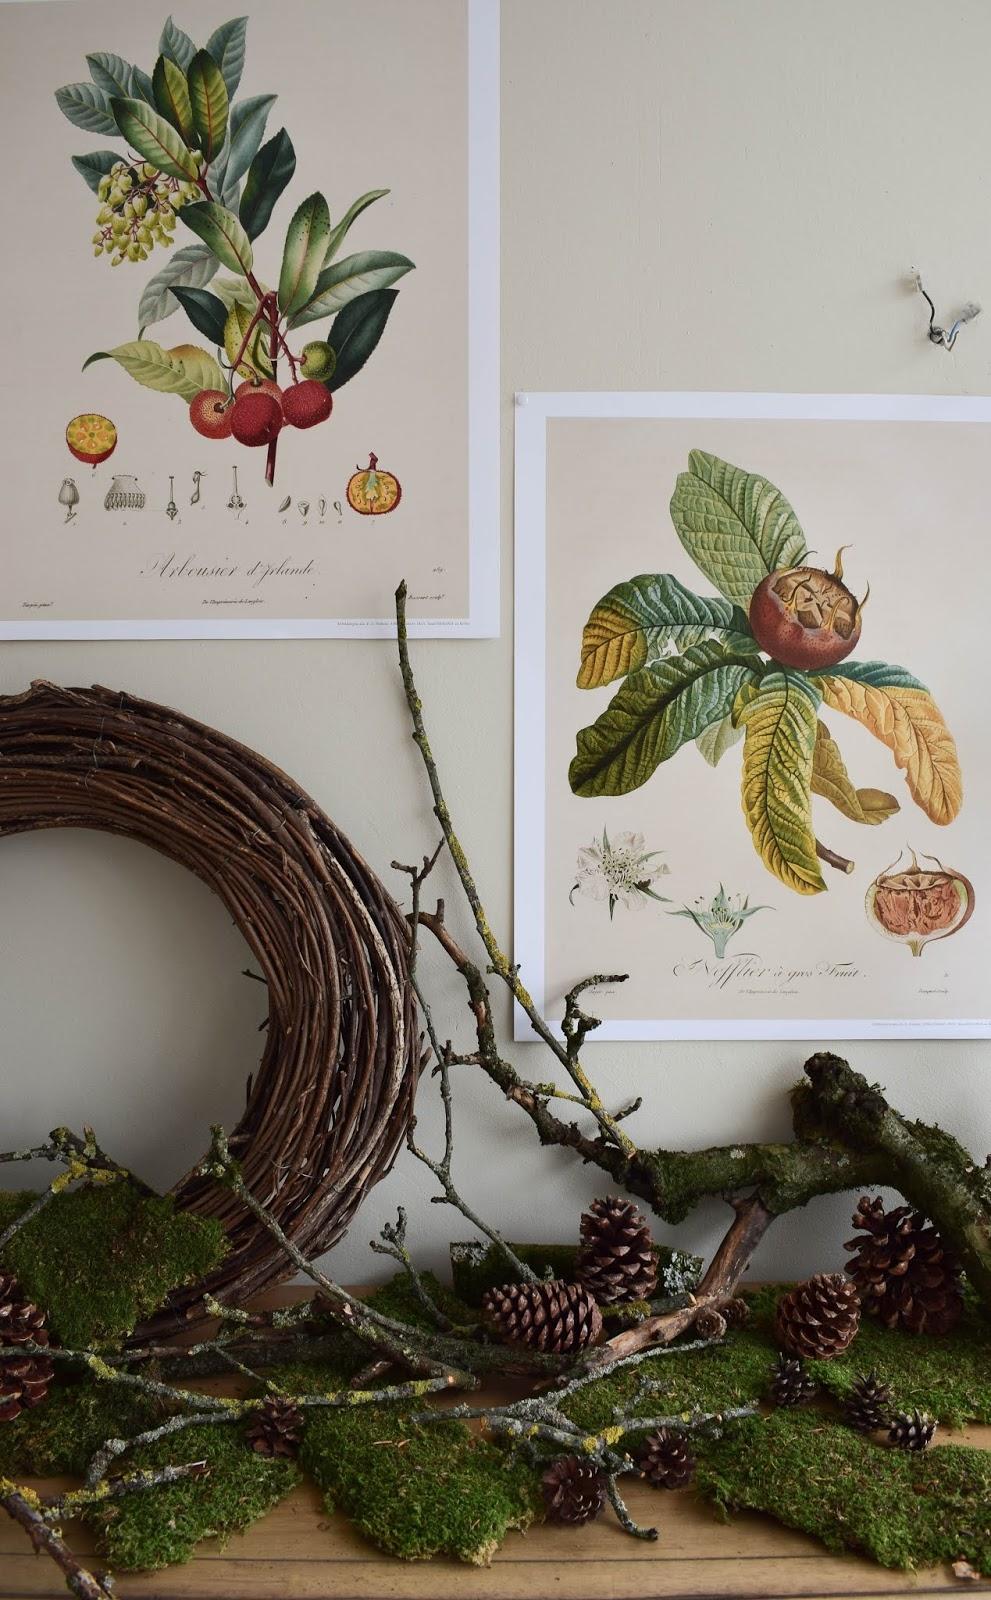 Kalender 2019 mit botanischen Zeichnungen Drucke Poster Deko Dekoidee Wanddeko von DUMONT teNeues Naturdeko mit Moos Ästen Kranz Zapfen